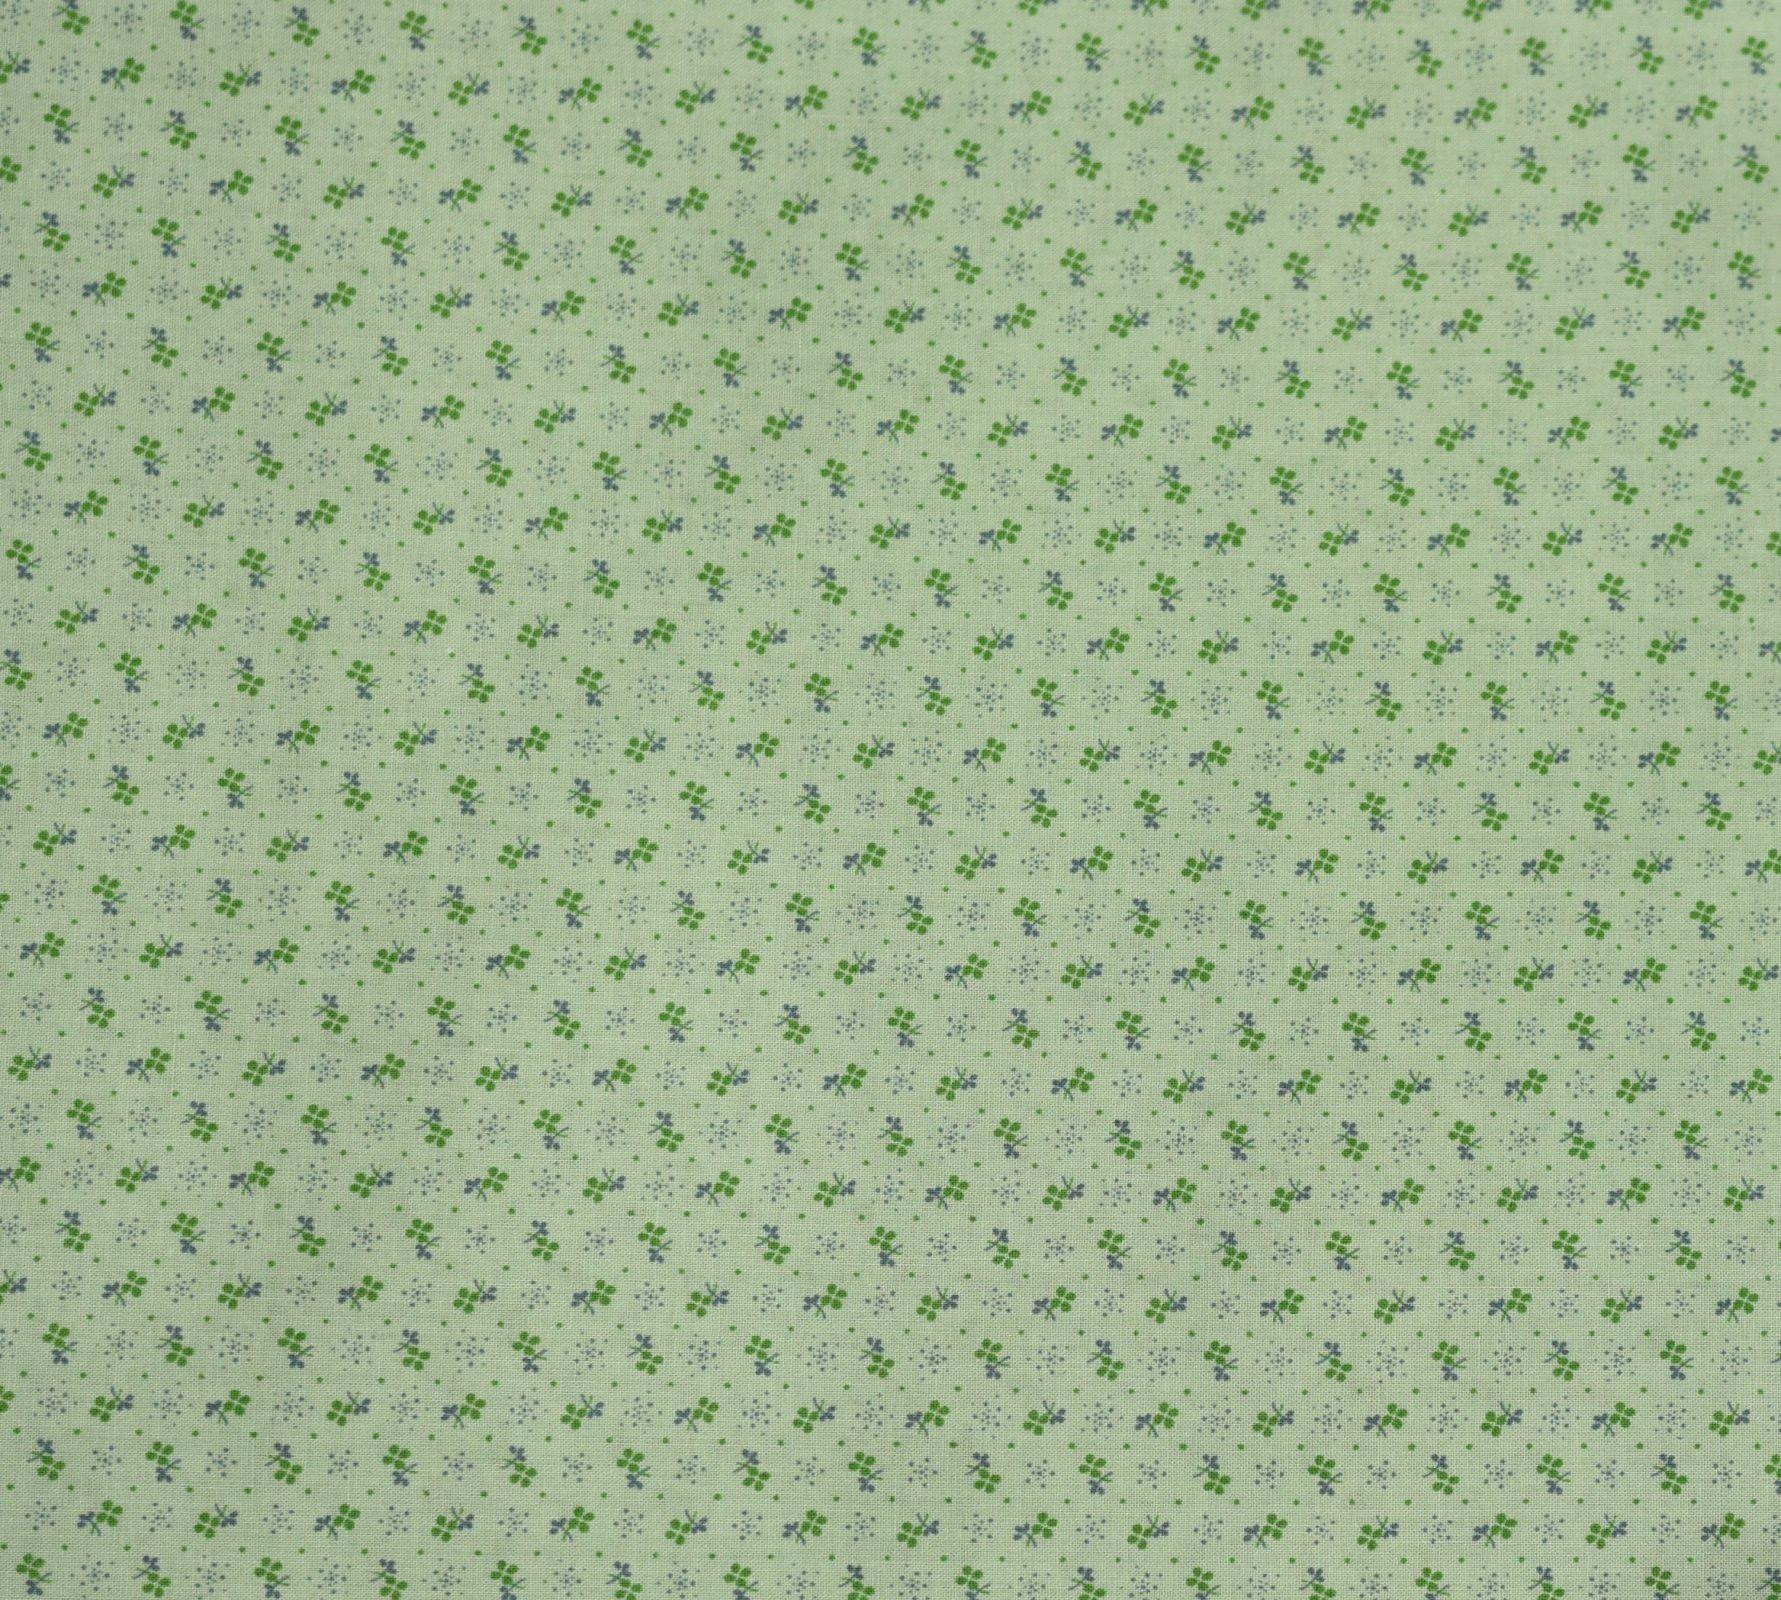 Handworks - Mini Spot Ditsy - Mint Green